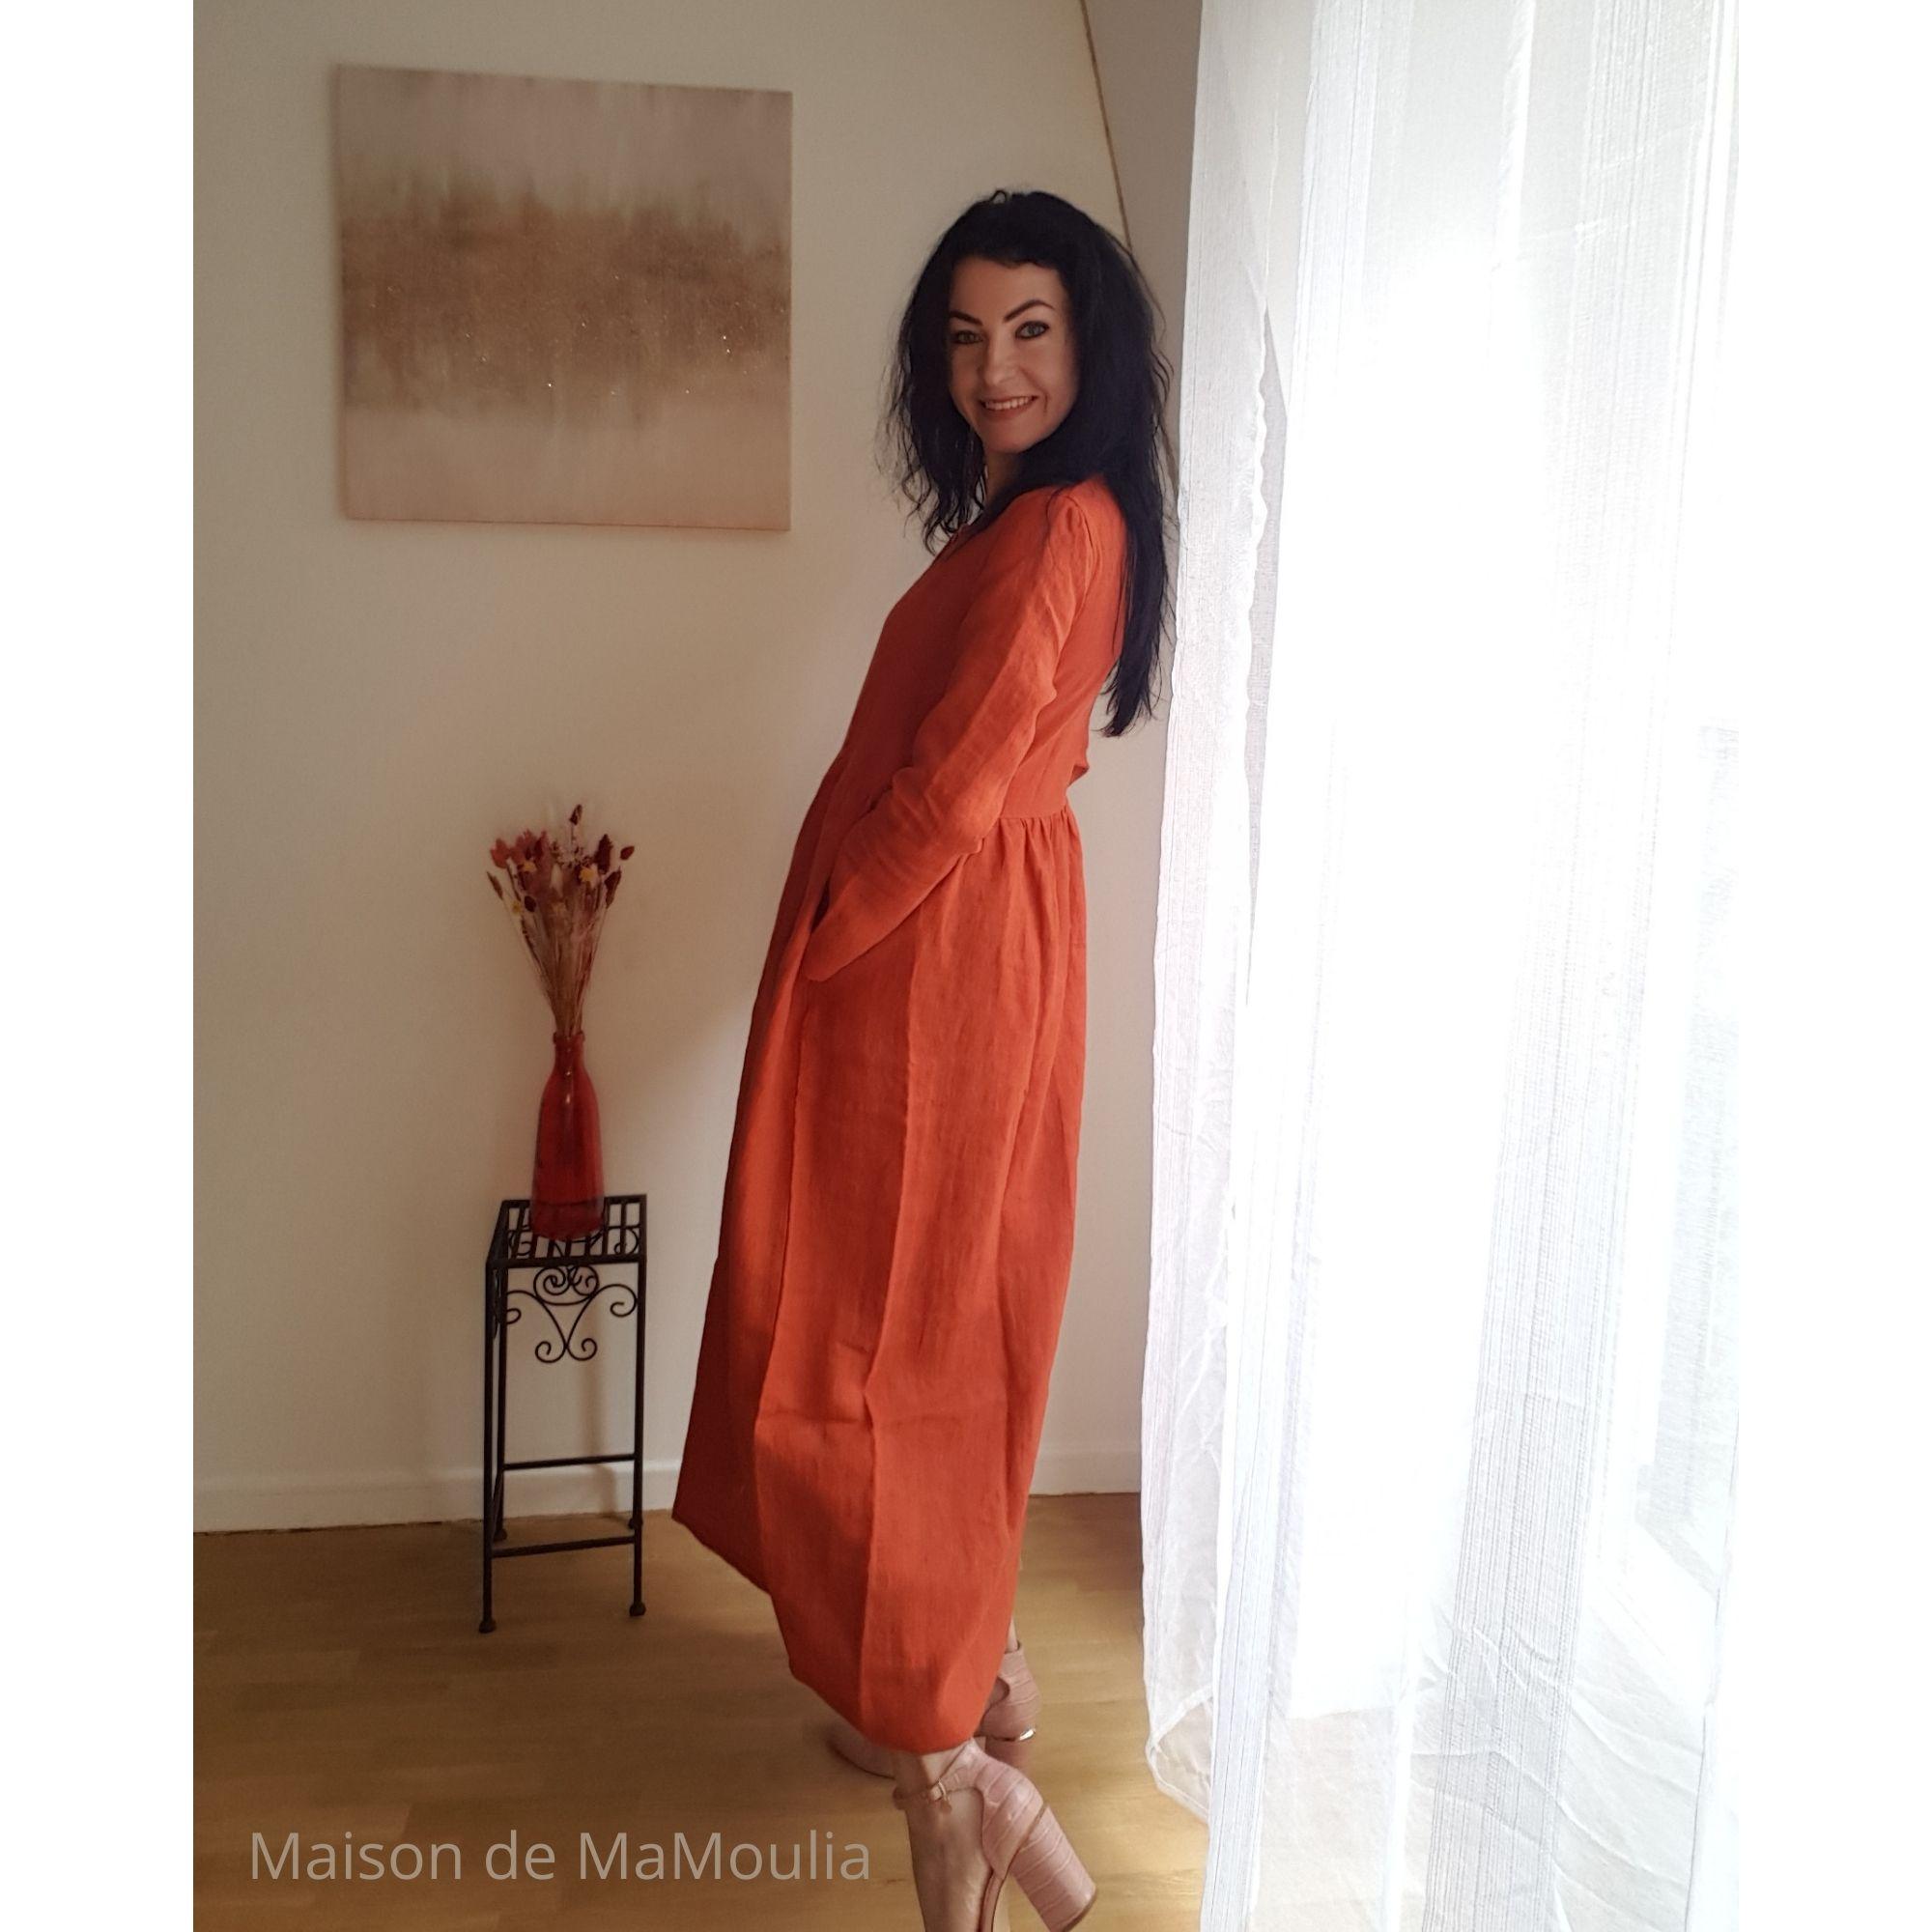 SIMPLY GREY - Robe très longue Boho pour femme - 100% lin lavé - Rouge